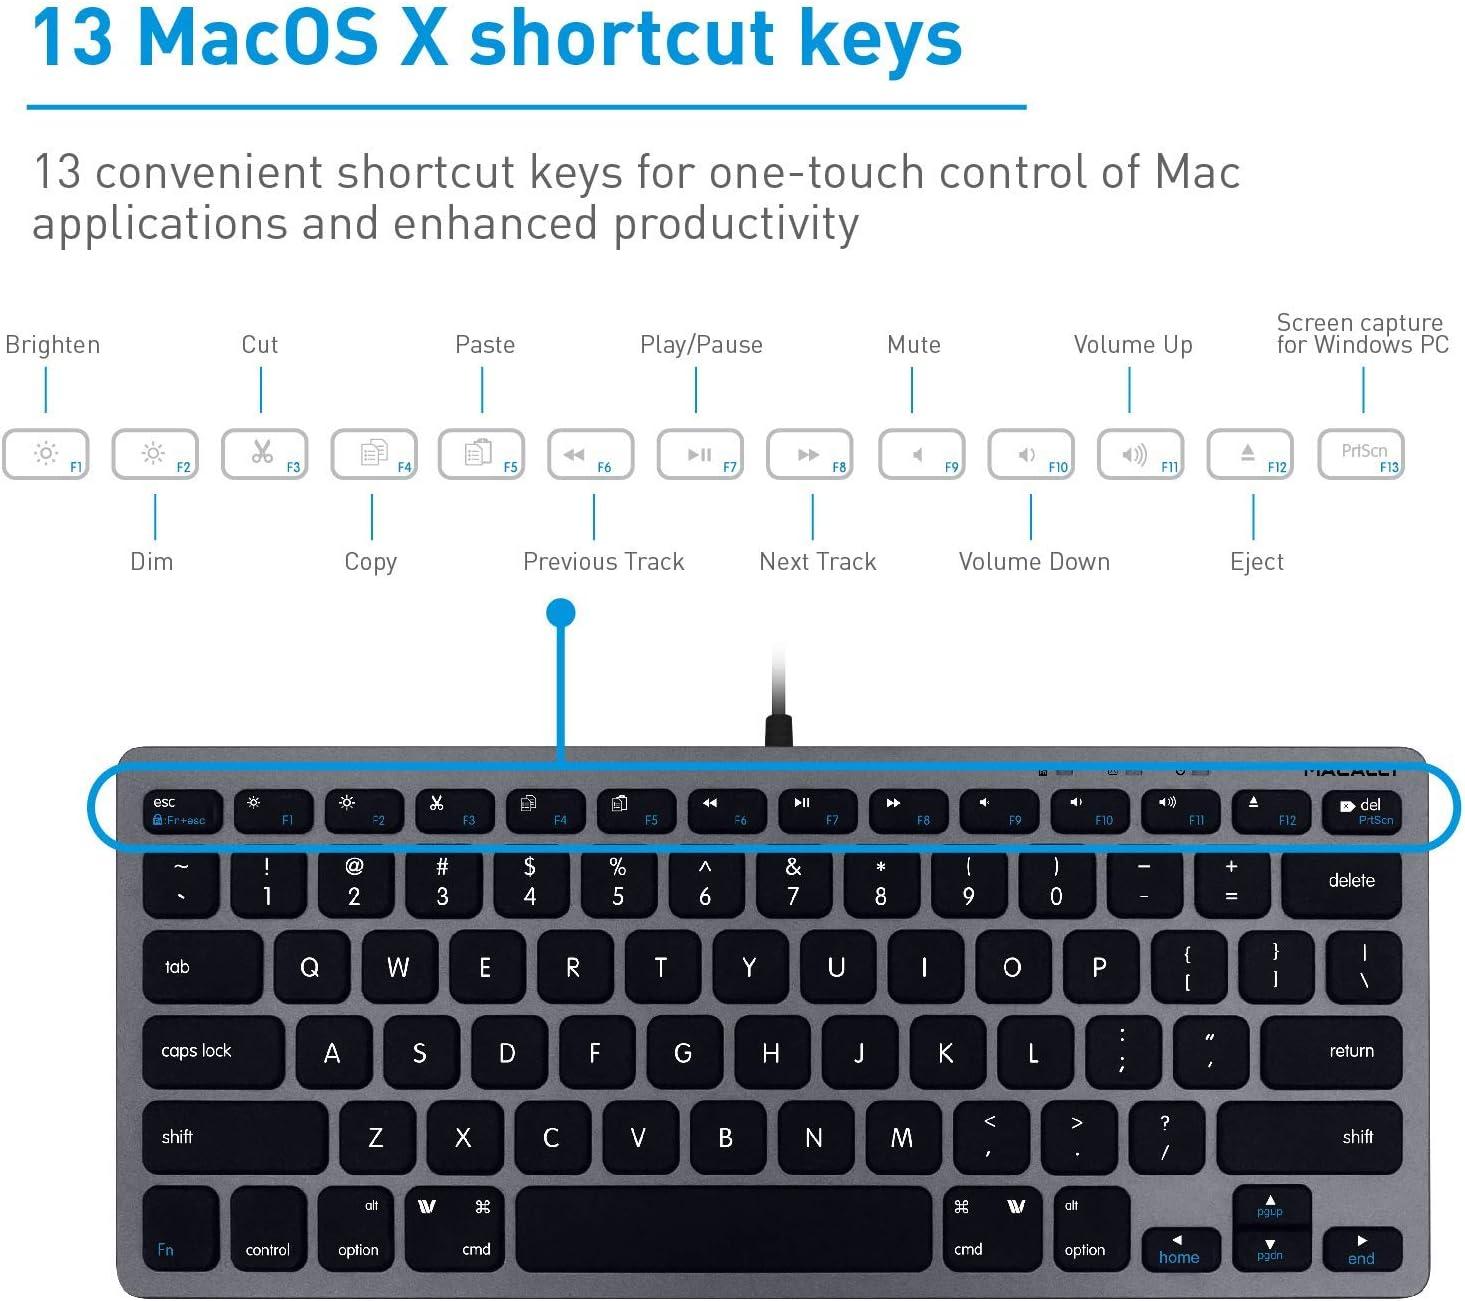 Macally Slim - Mini teclado compacto con cable USB para Apple Mac, iMac, MacBook Pro/Air, Mac Mini, Windows PC de sobremesa, portátil (gris espacial): Amazon.es: Electrónica